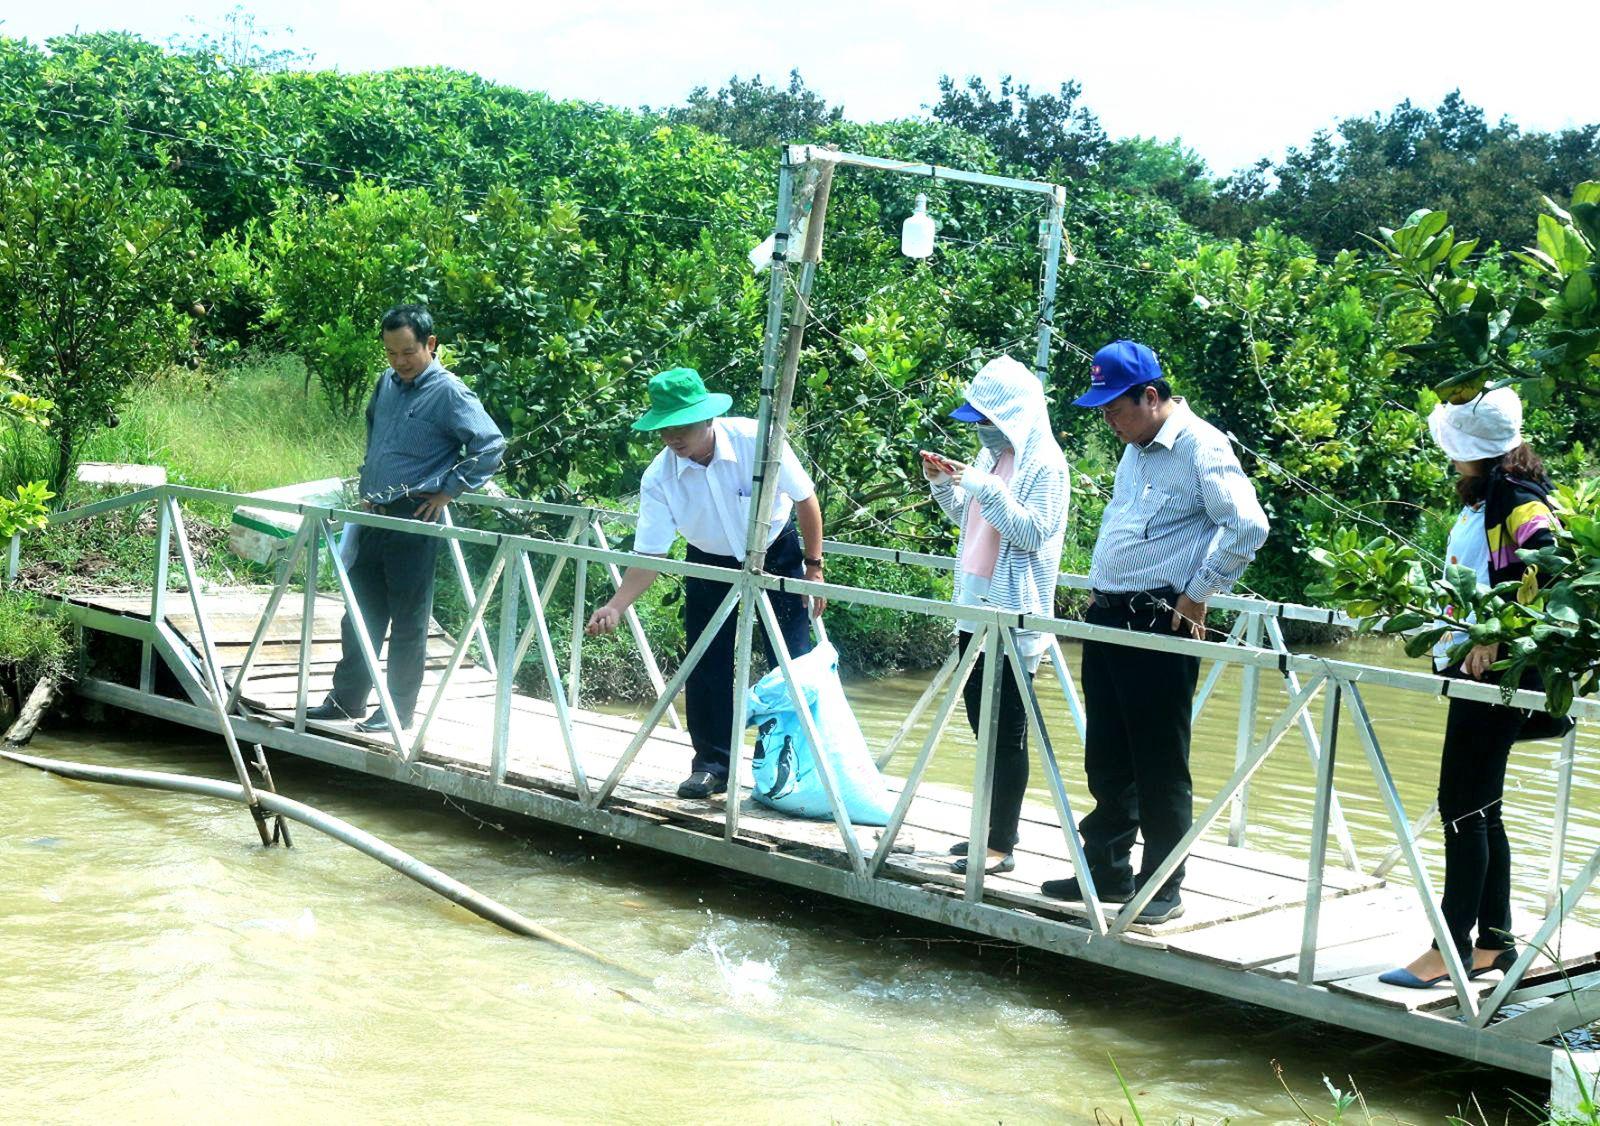 Du khách ngắm nhìn những con cá lớn từ 8-10 kg dọc các mương ở vườn của ông Đỗ Trung Ngôn. Ảnh: ÁI LAM